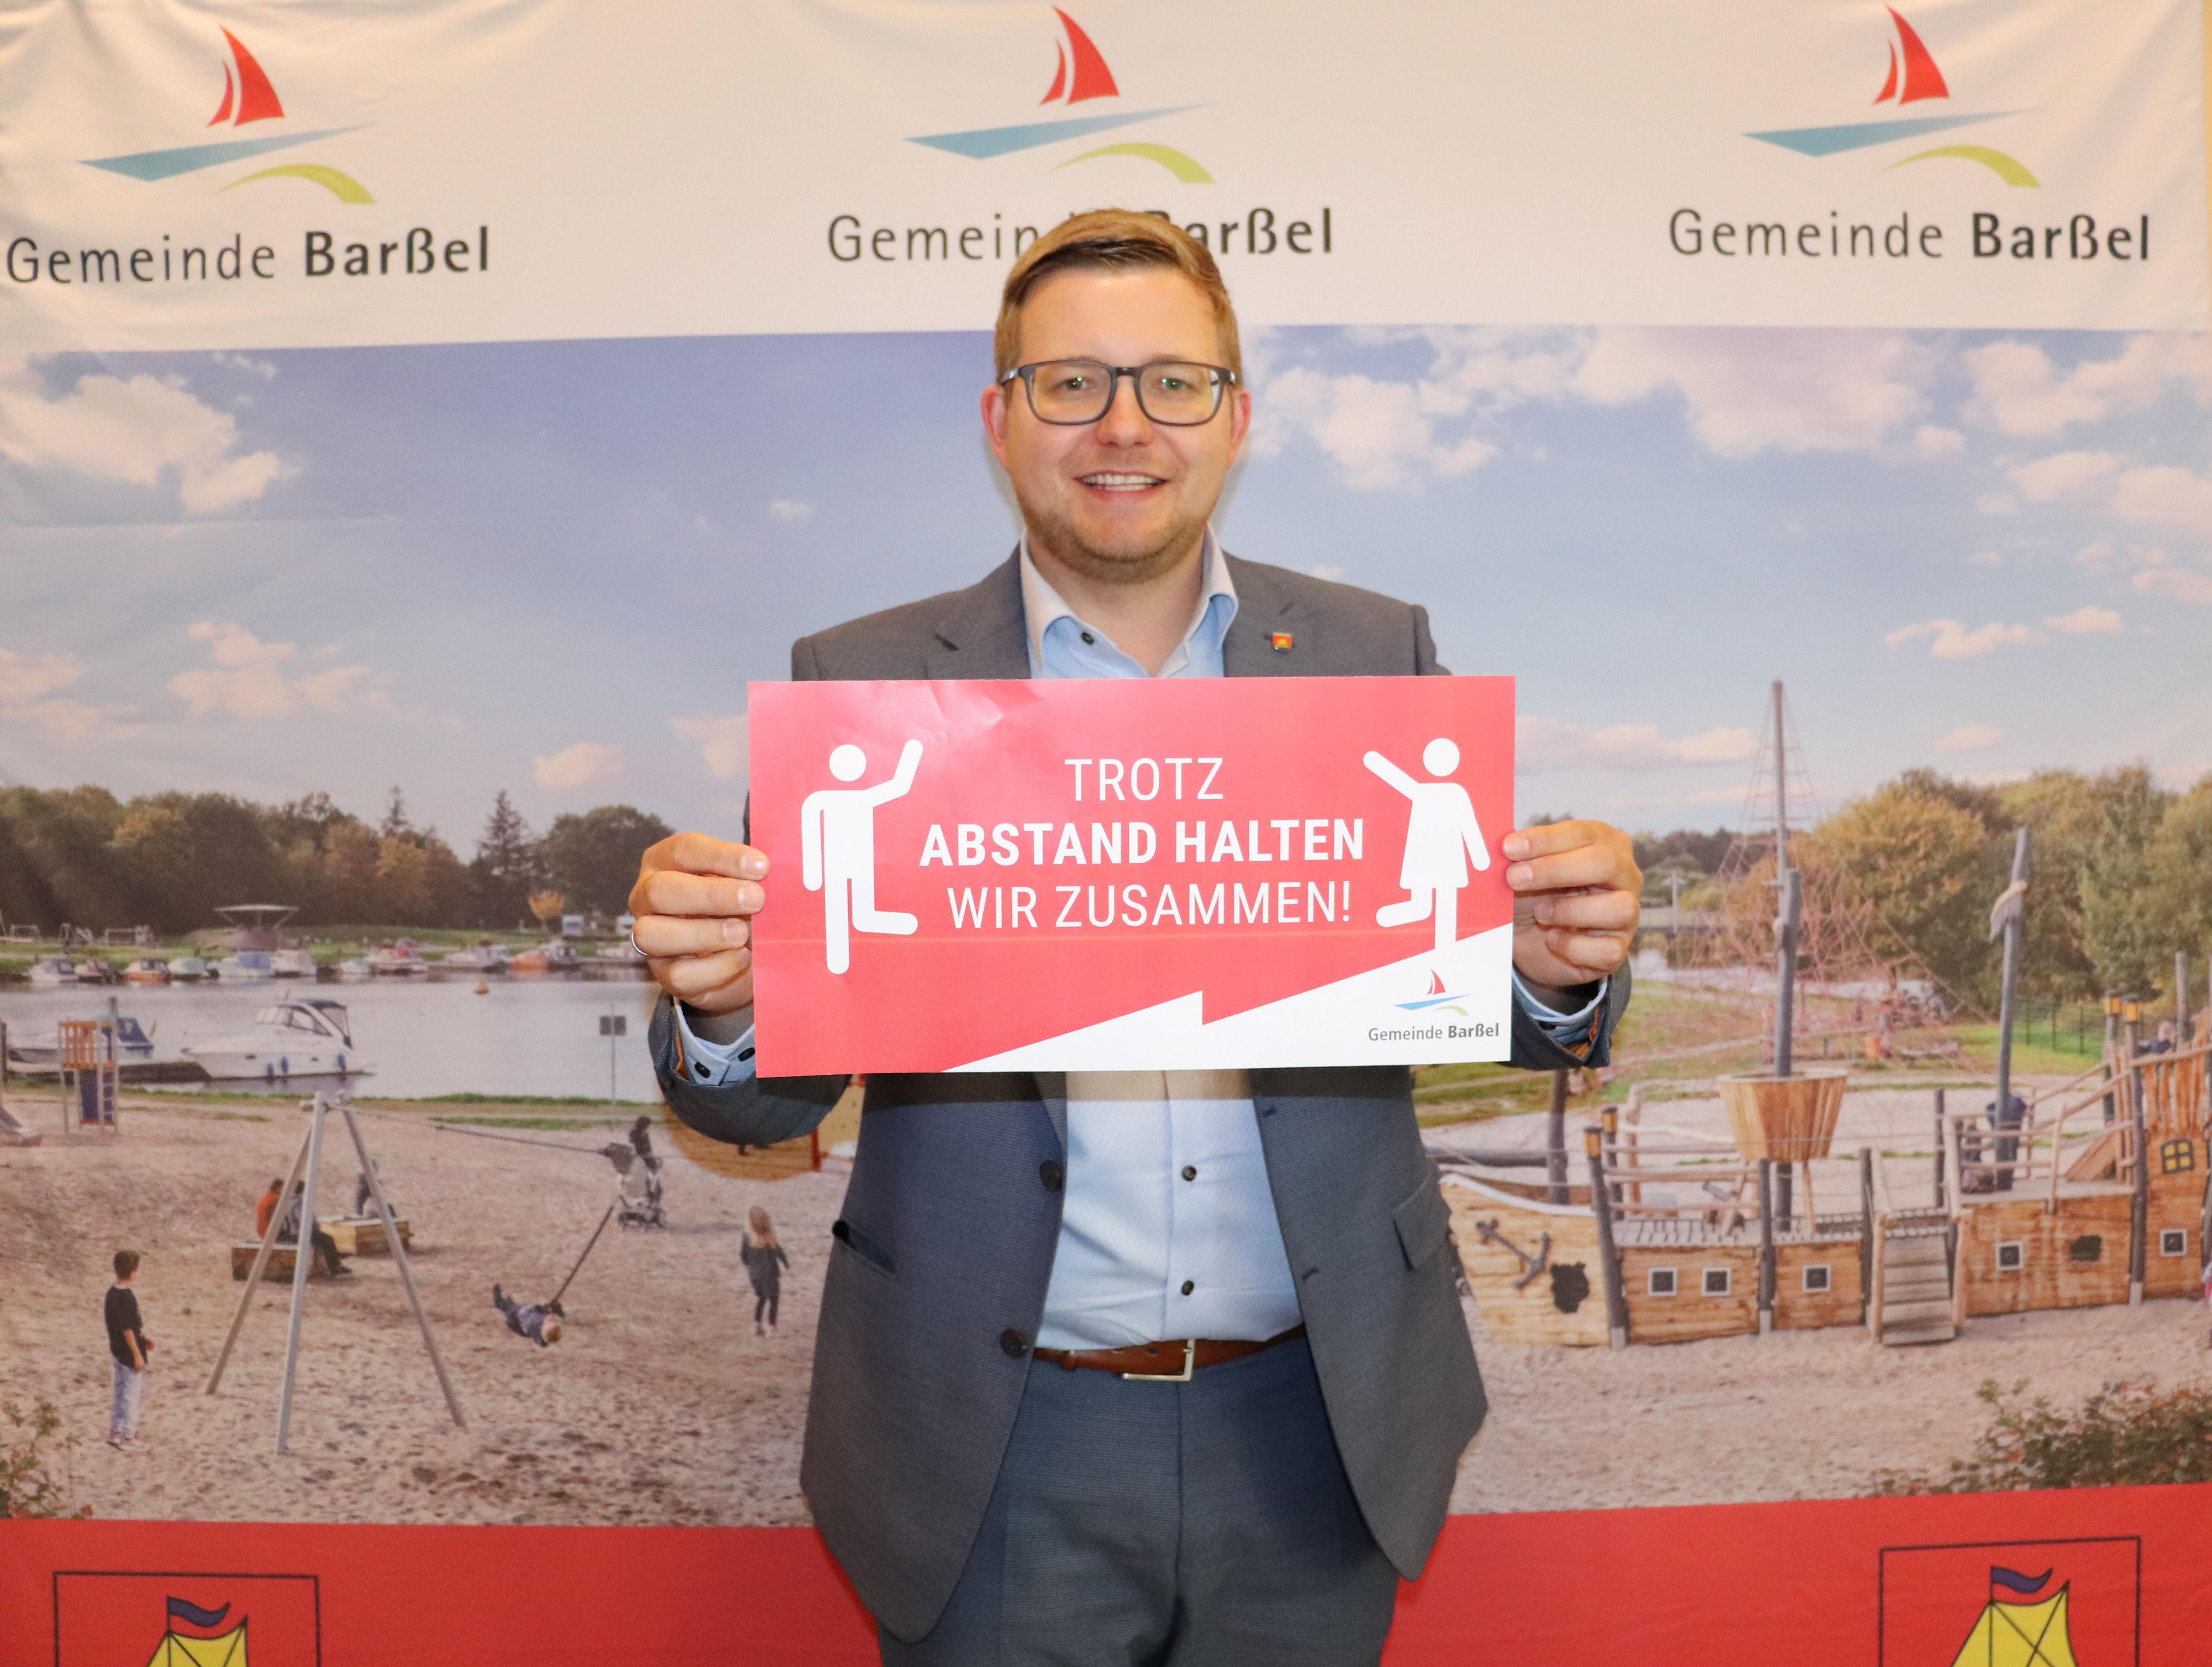 """Bürgermeister Nils Anhuth präsentiert die Aktion """"Trotz Abstand halten wir zusammen"""". Bildquelle: Wlodarczyk/Gemeinde Barßel"""